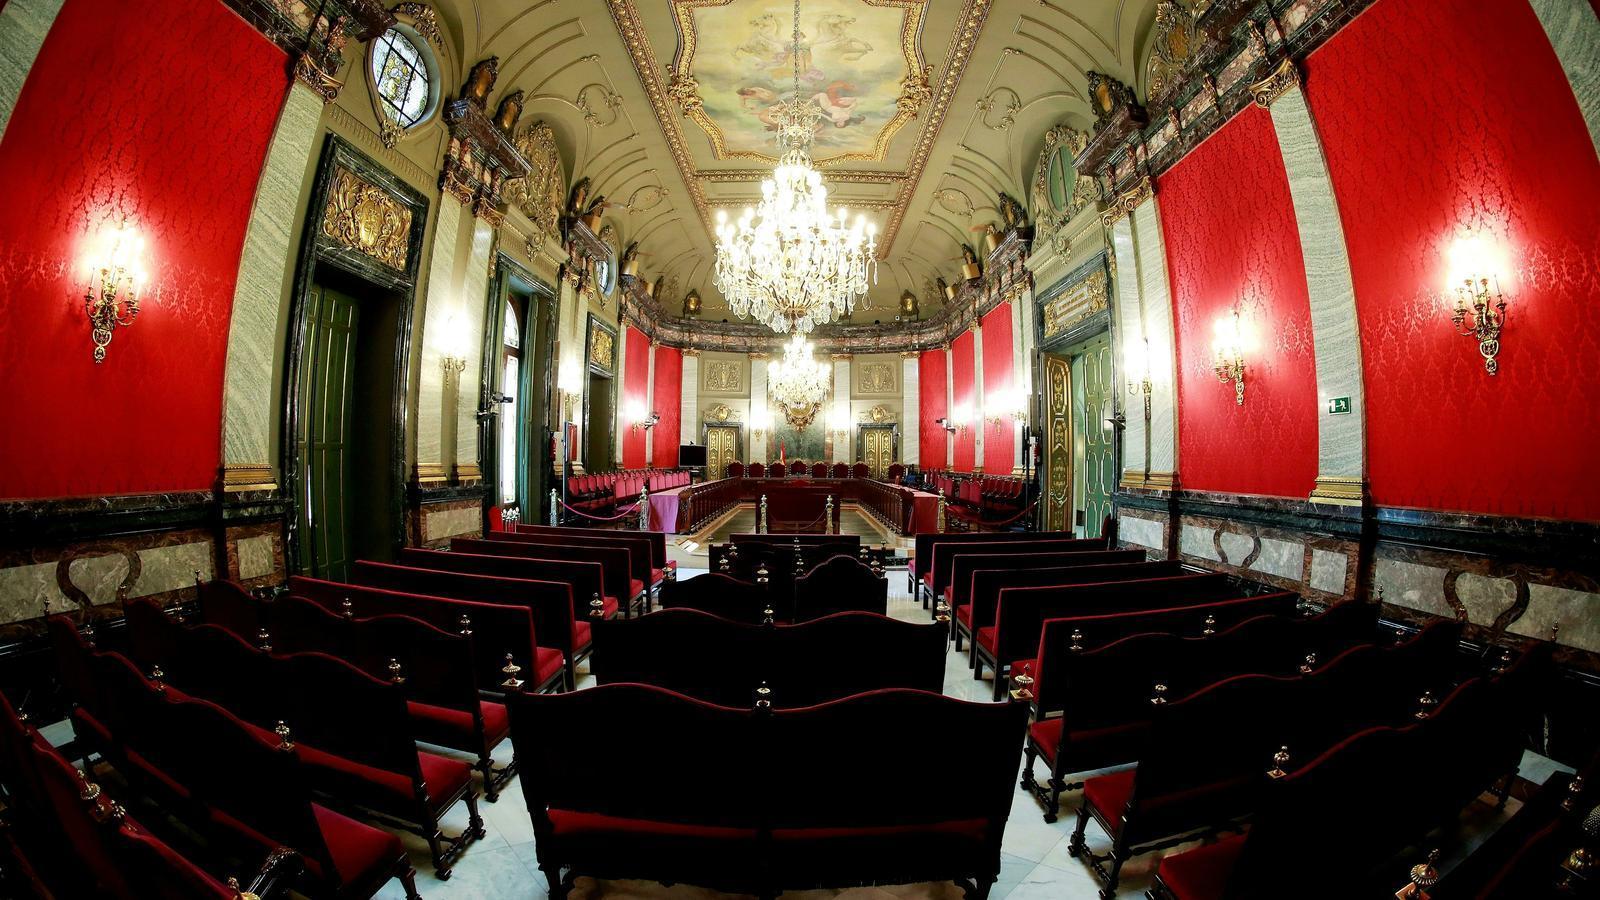 La sala del Tribunal Supremo donde se celebró el juicio del 'Procés'. / ANGEL DÍAZ / EFE